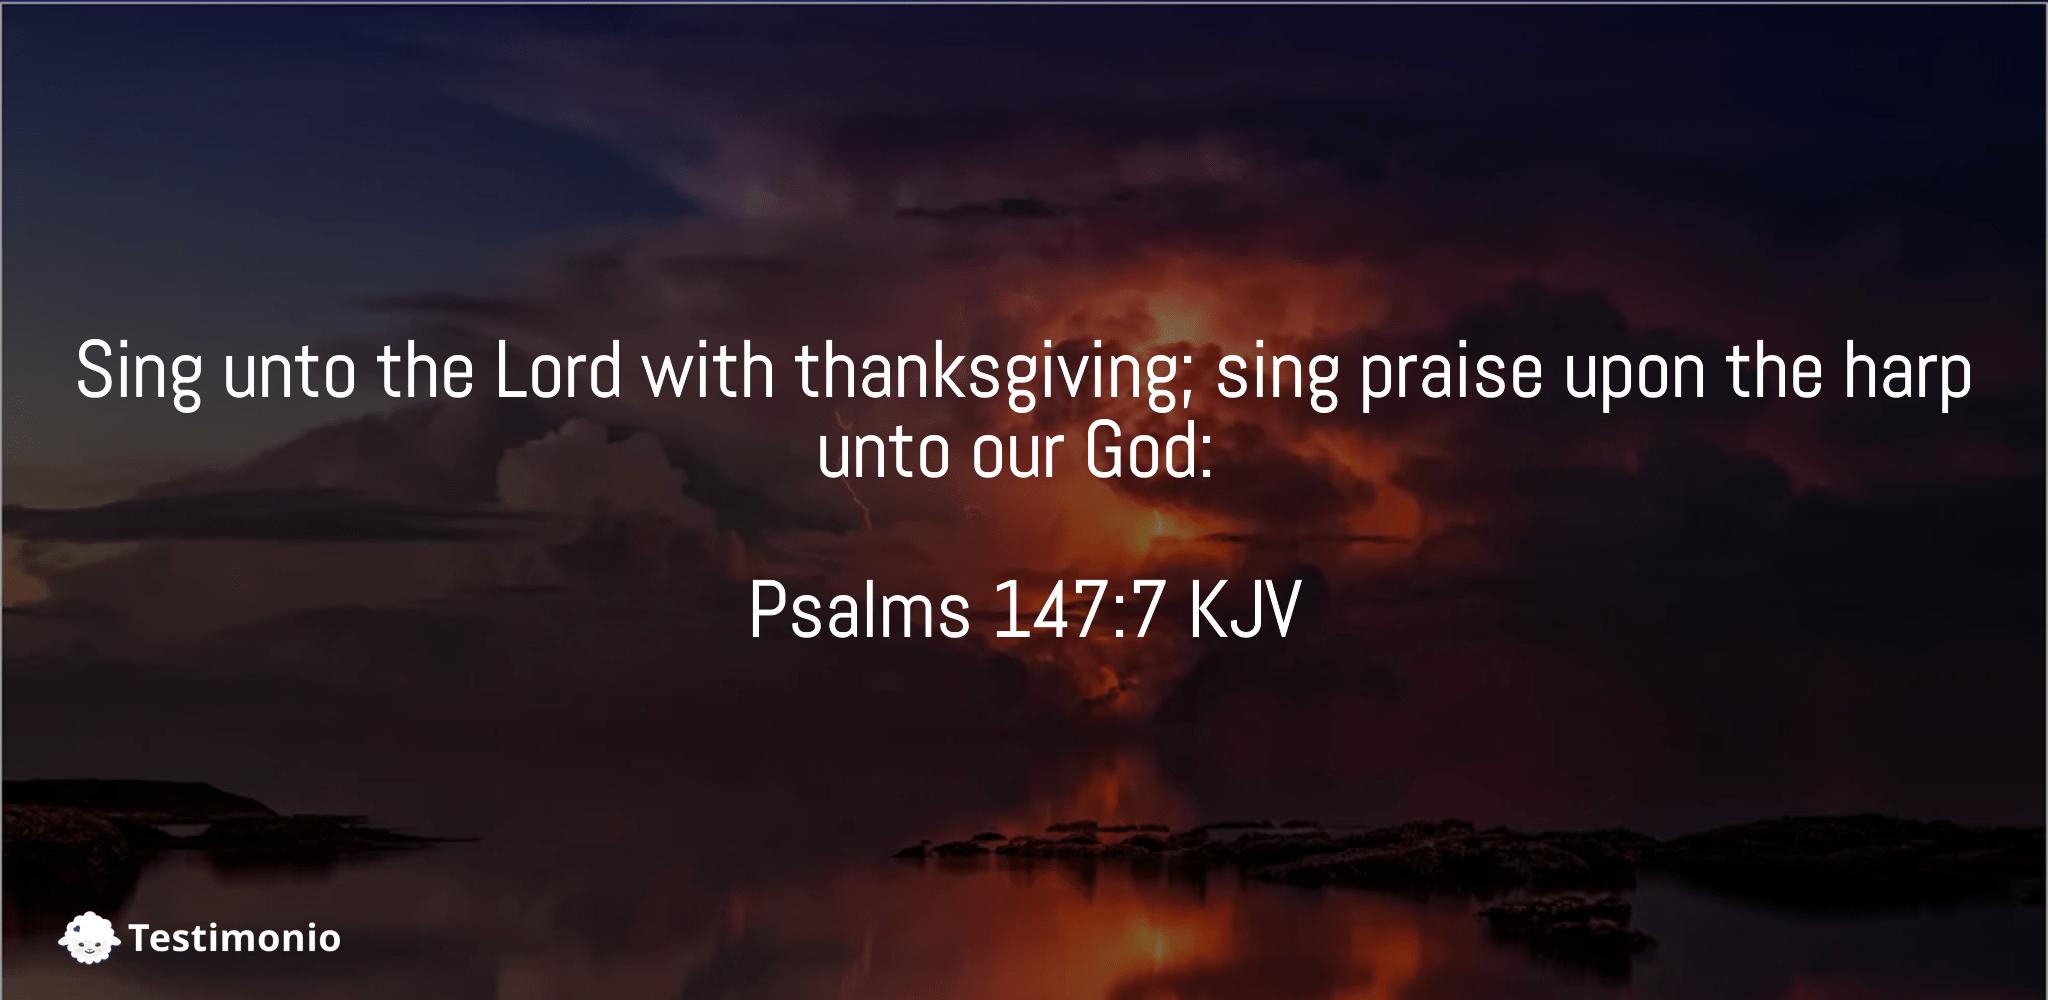 Psalms 147:7